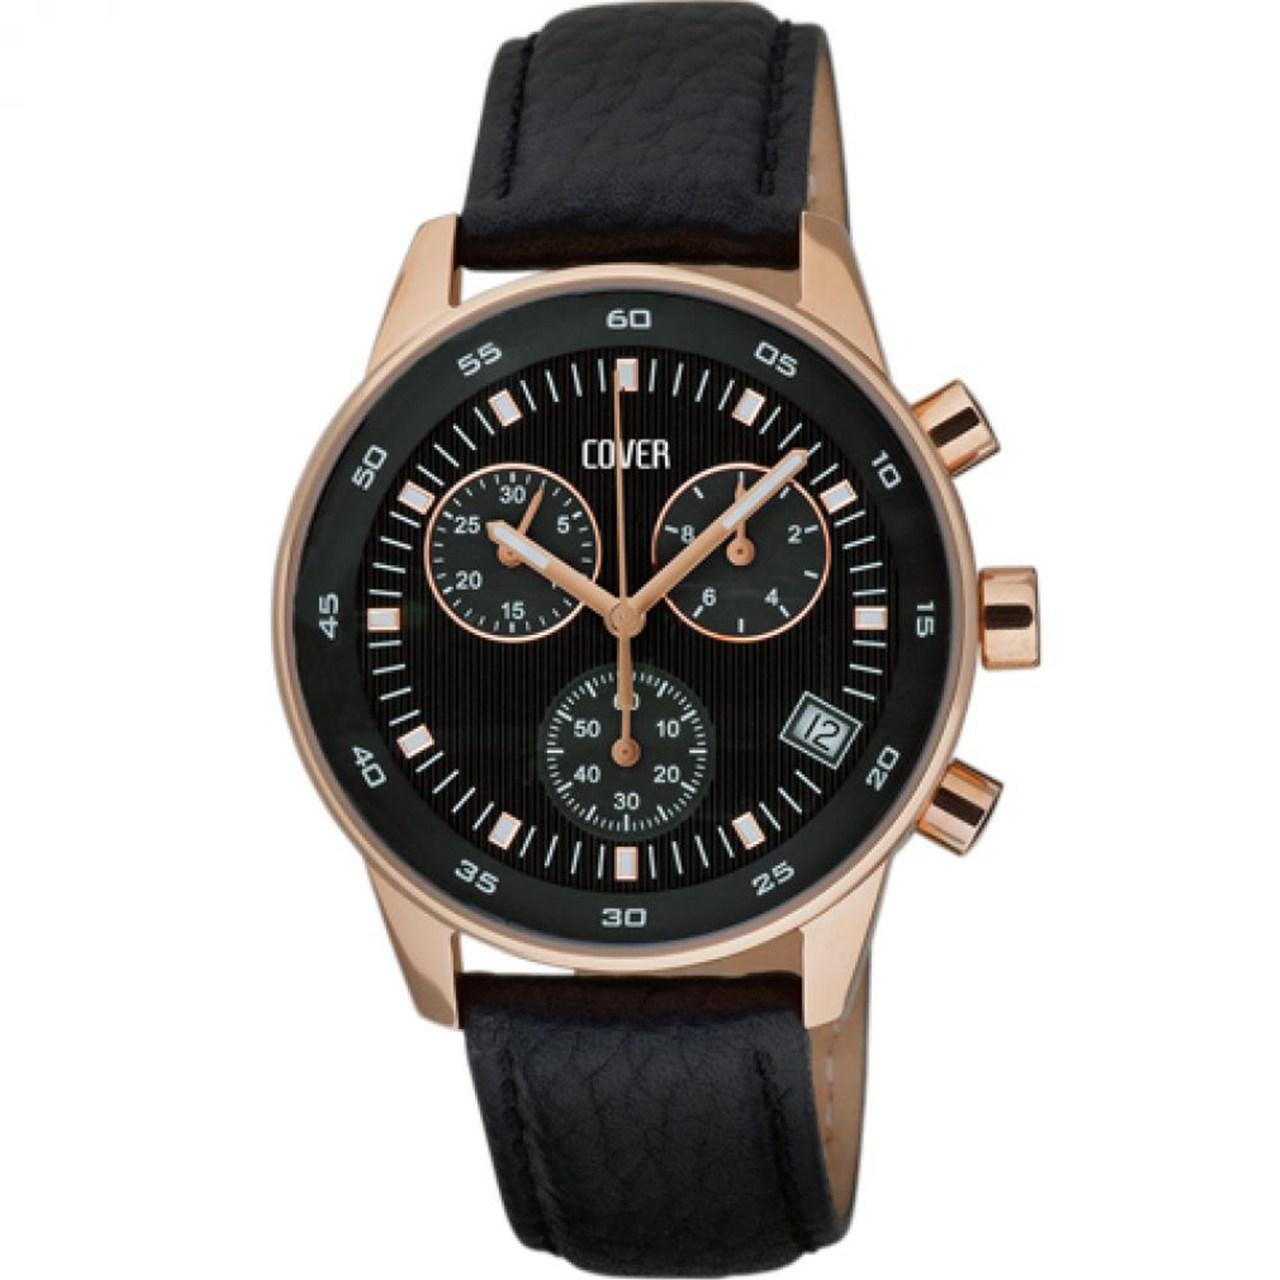 ساعت مچی عقربه ای مردانه کاور مدل Co52.06